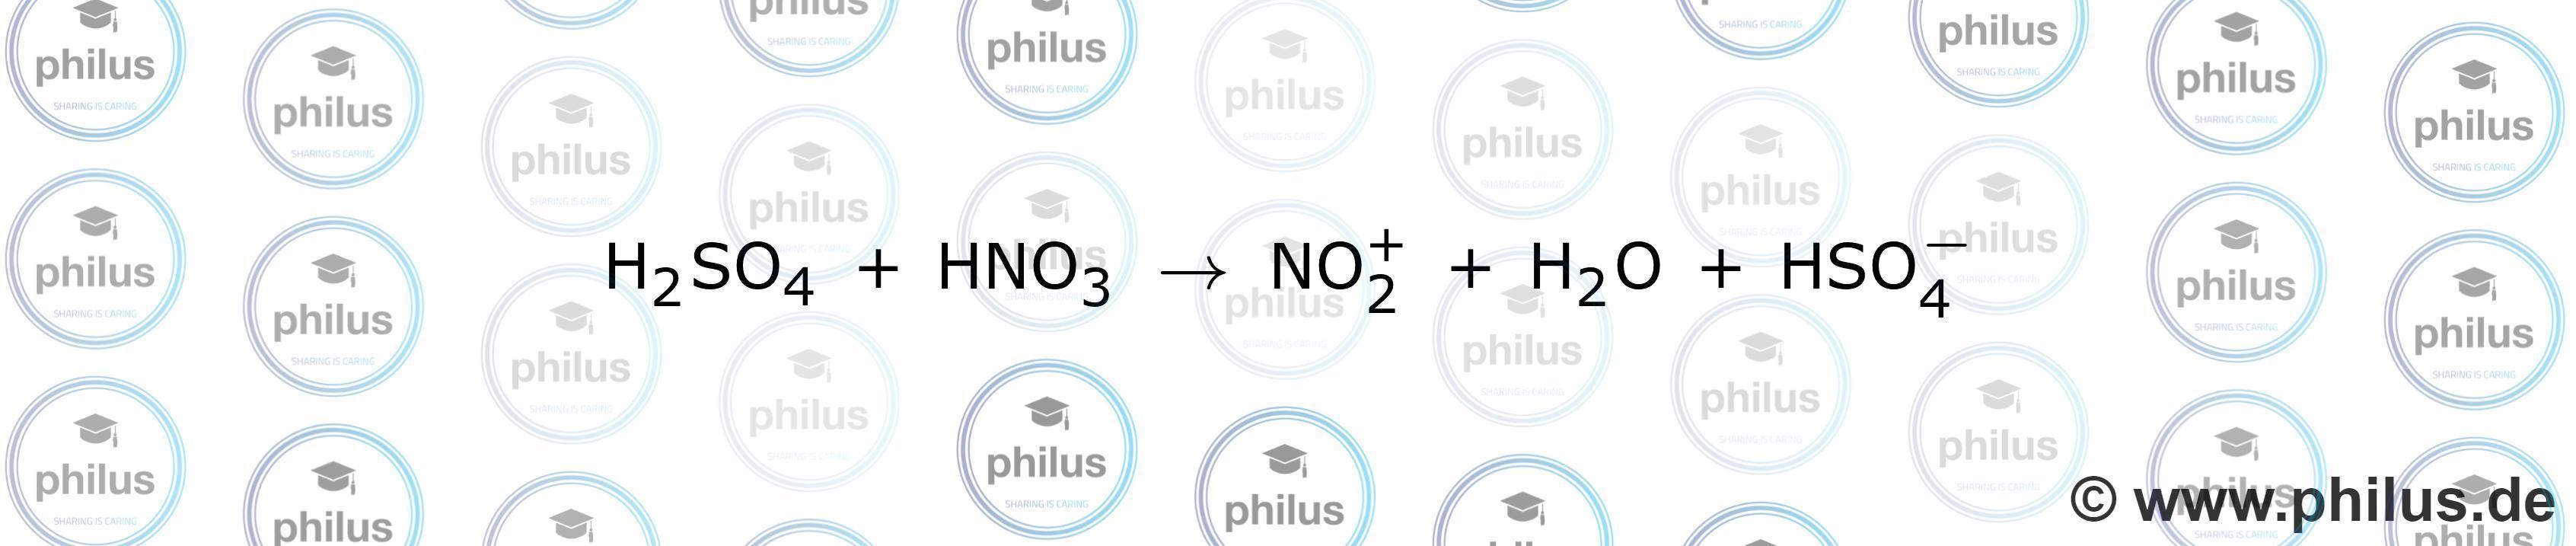 Bildung eines Nitronium-Ions aus Nitriersäure (Summenformel)